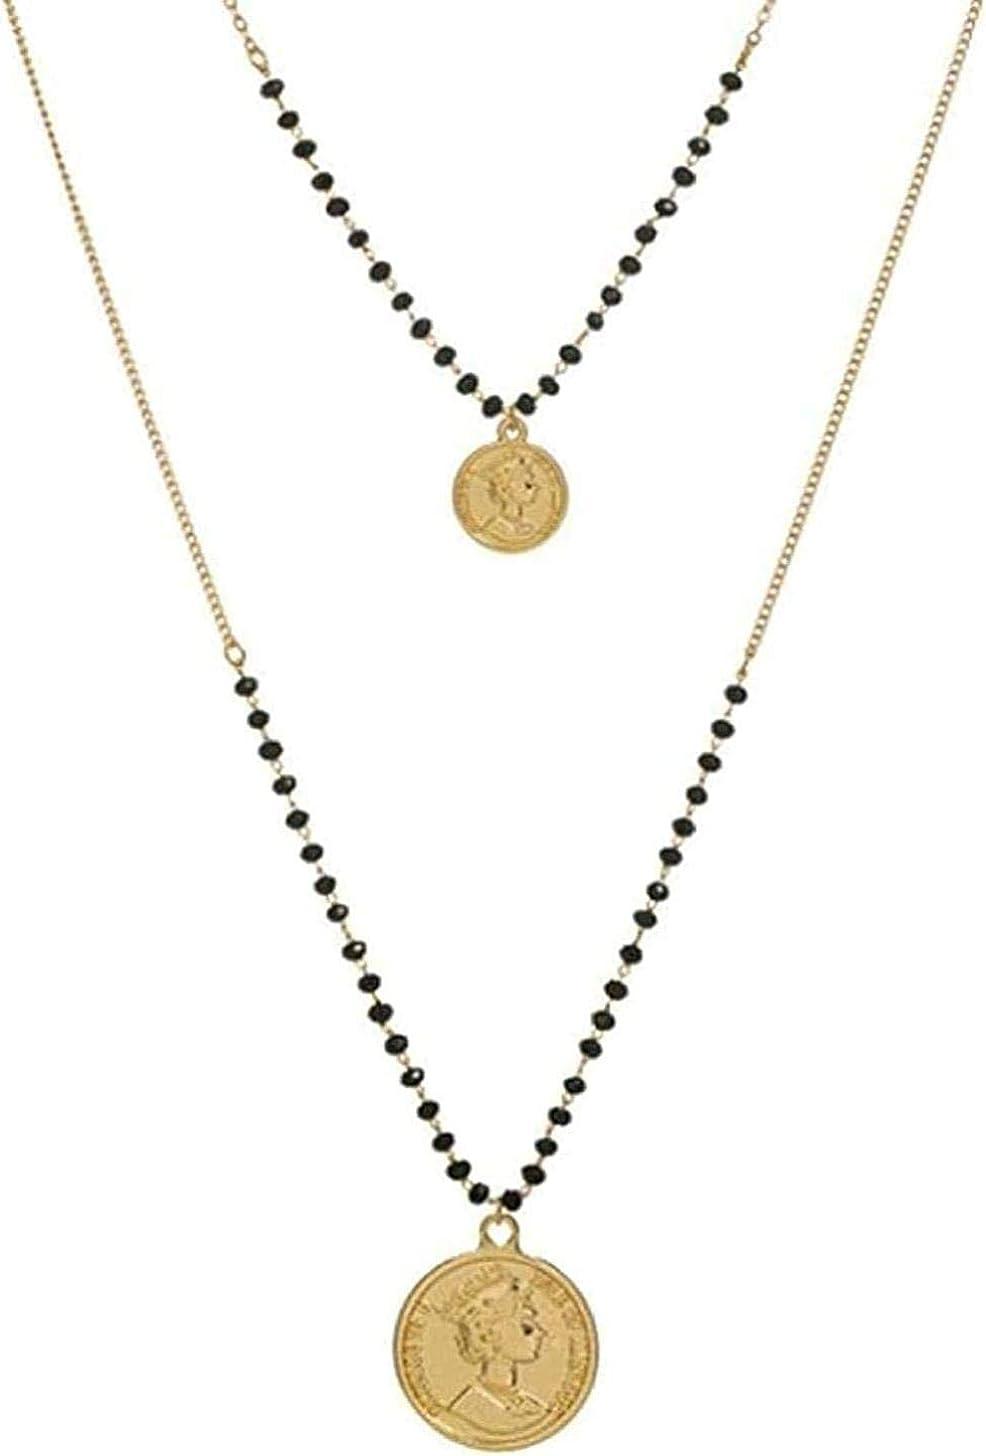 Yaoliangliang Collar con Colgante de Reina, Cuentas de Resina Negra Multicapa, Cara de Piedra Natural, Cadena de Estrella de Luna para Mujer